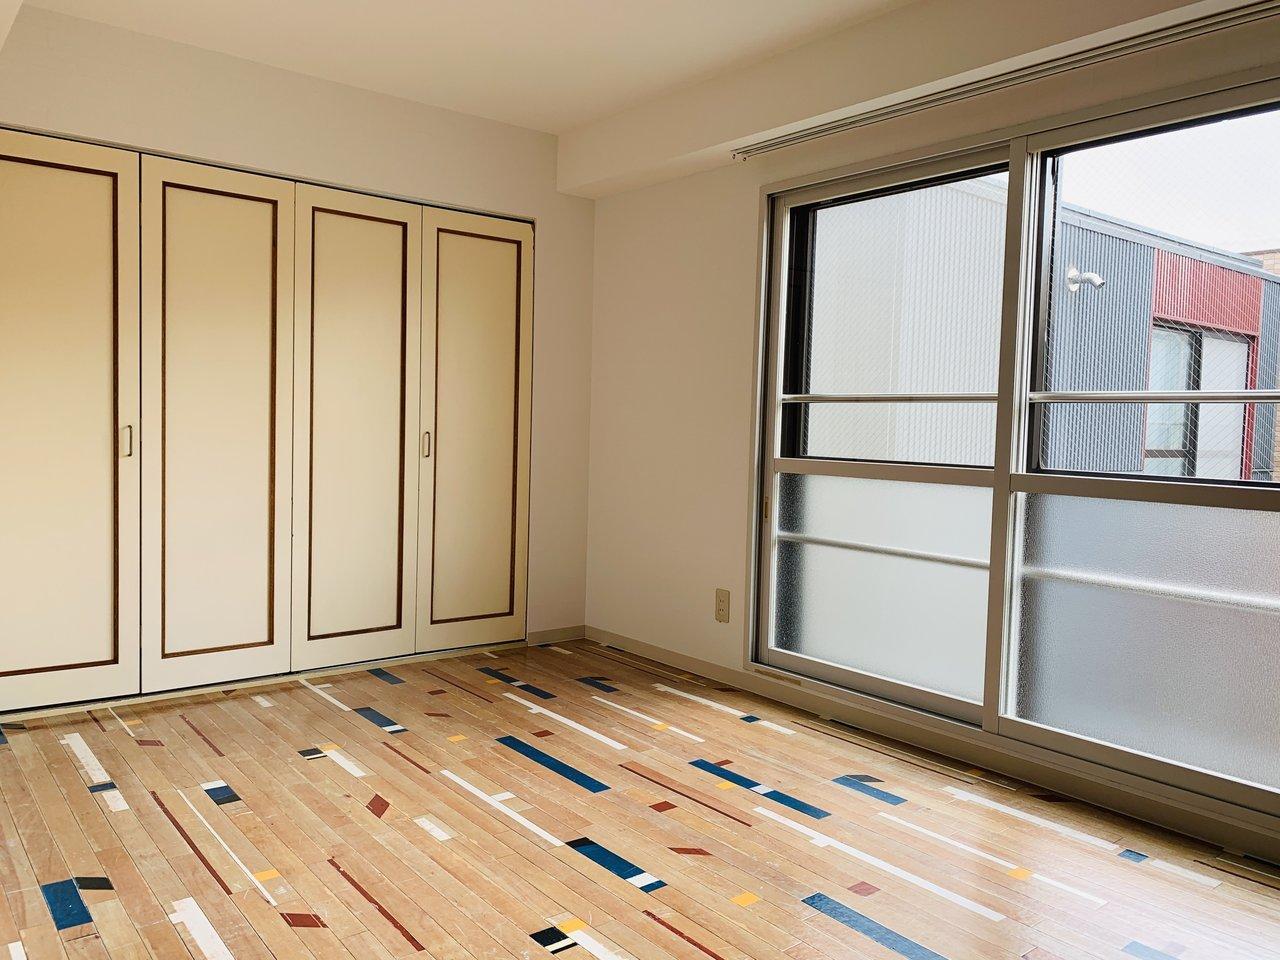 洋室の窓は大きく、南向き。光がたっぷりと差し込みます。クローゼットは横幅もあり、大容量!